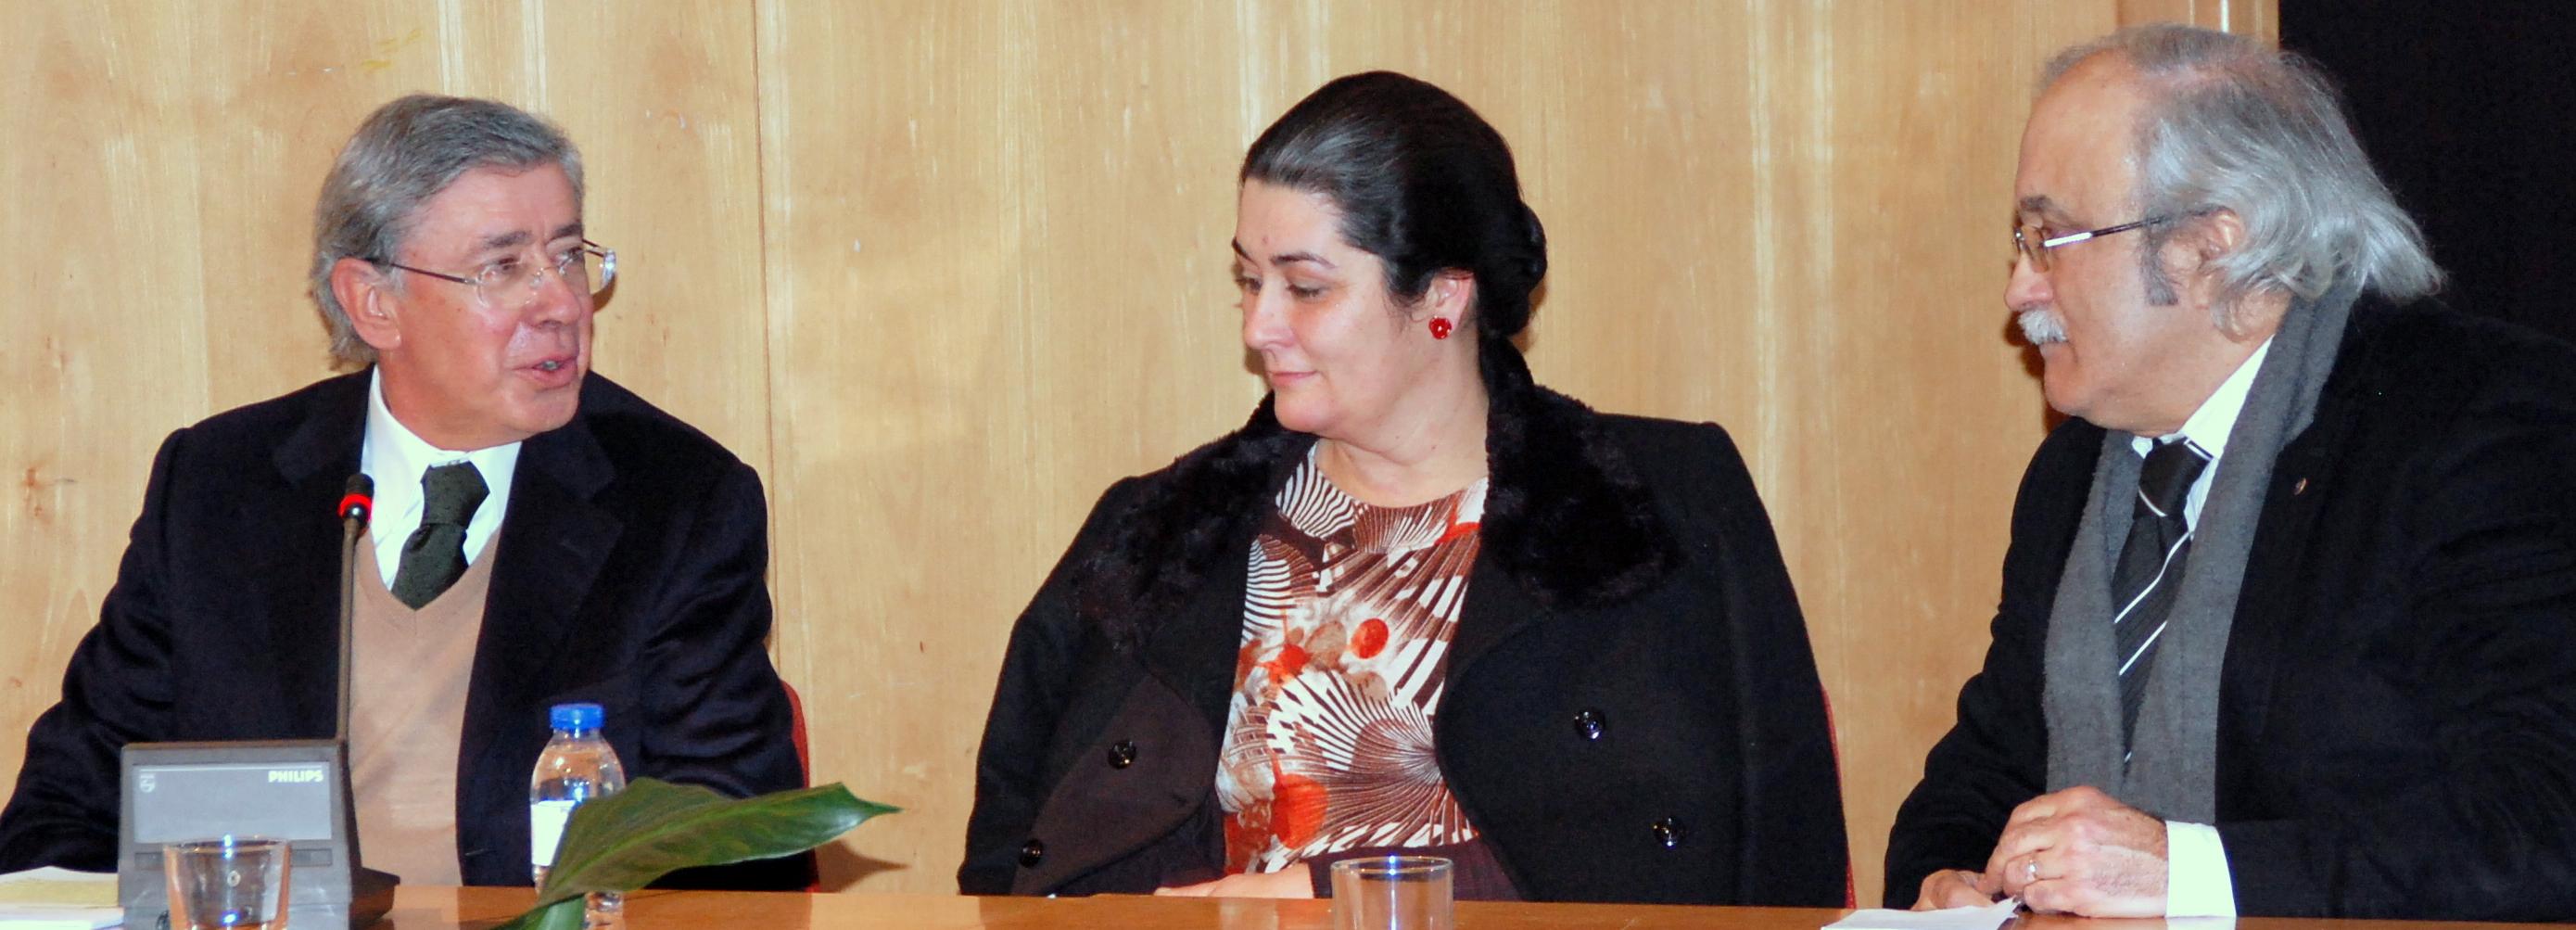 Conferência sobre João Macedo Correia iniciou ciclo de tertúlias na Biblioteca Municipal